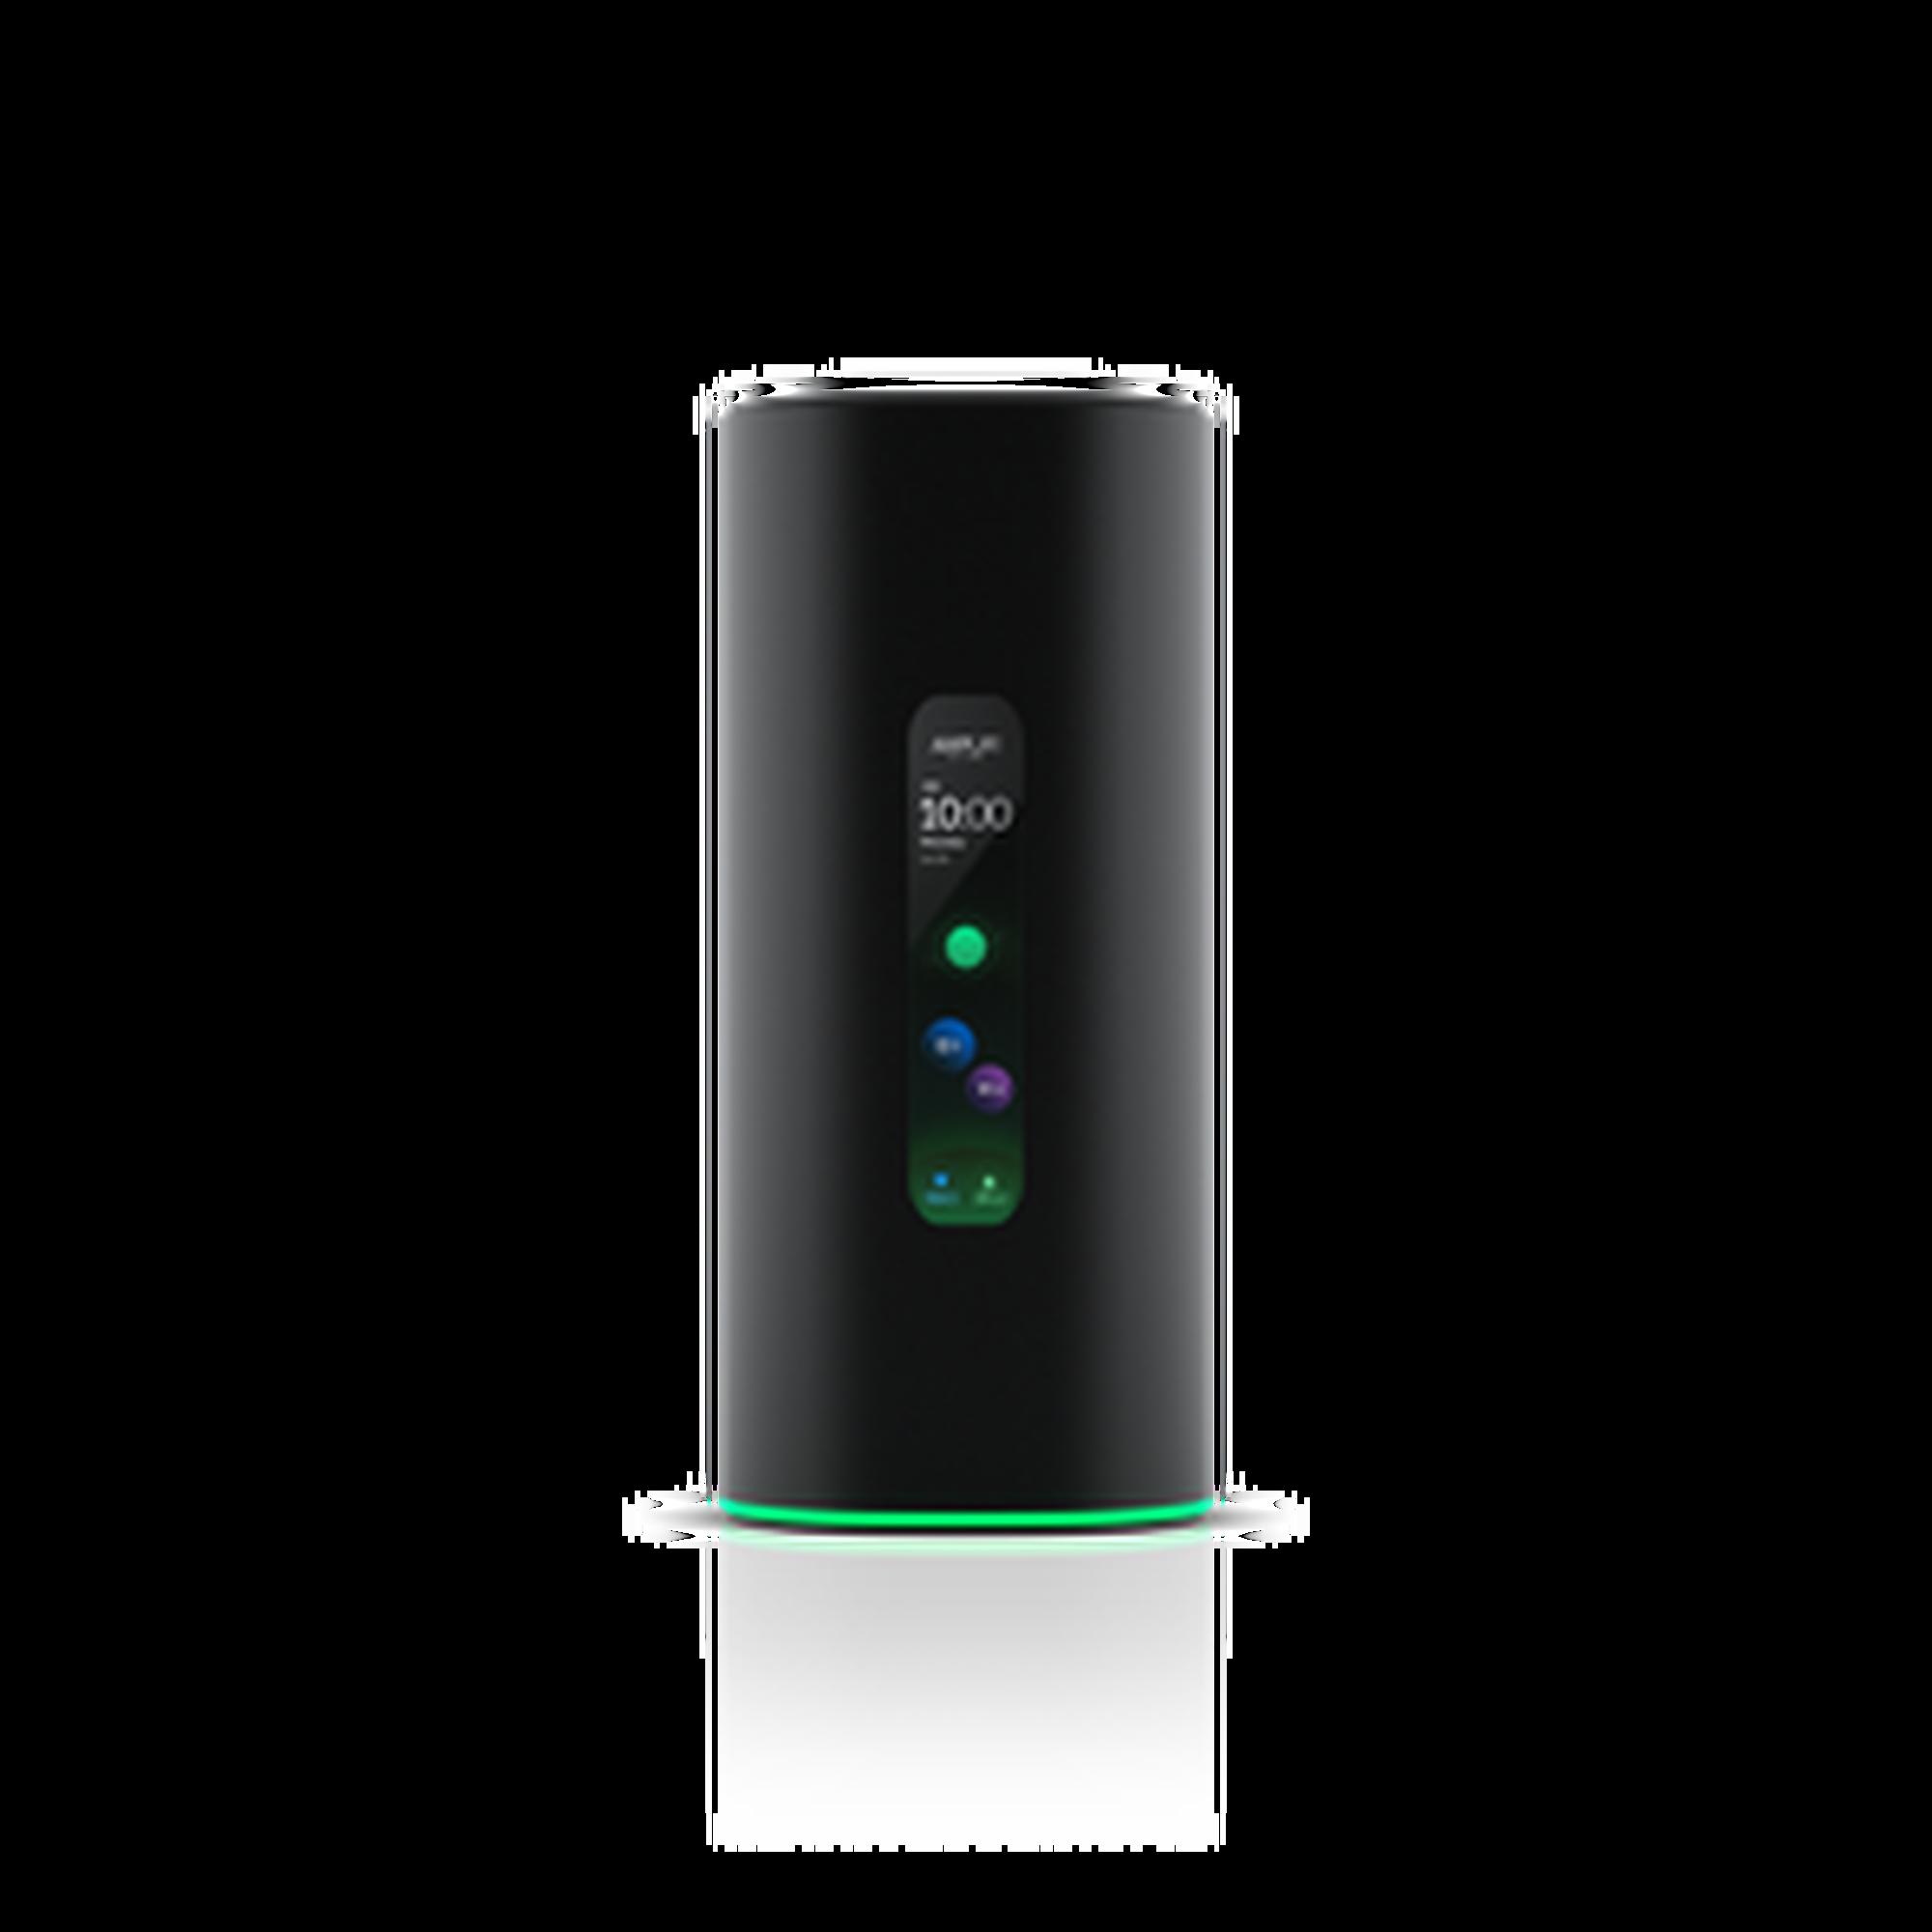 MeshRouter AmpliFi WiFi Residencial Premium para alta densidad de usuarios y cobertura